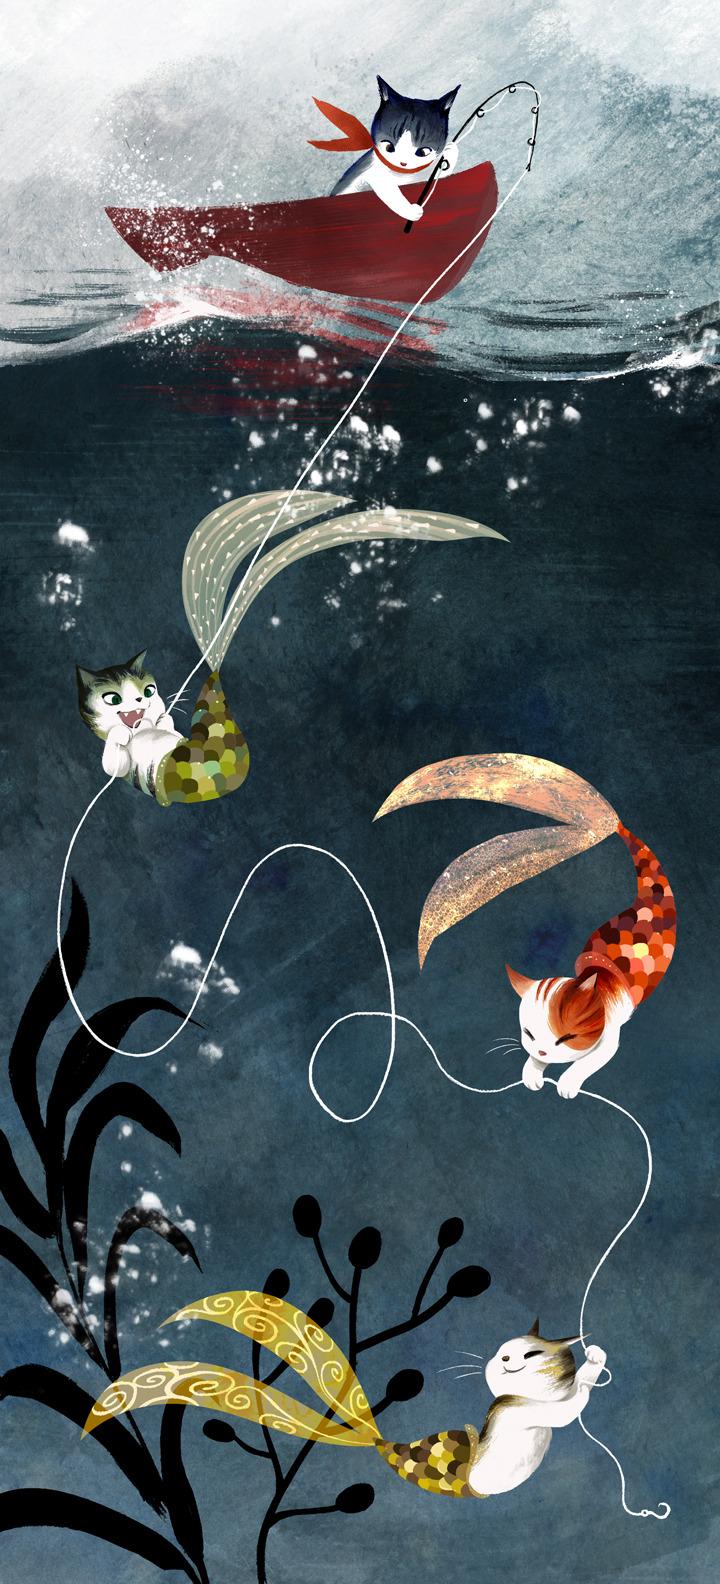 Fishing Girl Wallpaper Cat Illustration Cats Underwater Fantasy Ocean Sea Digital